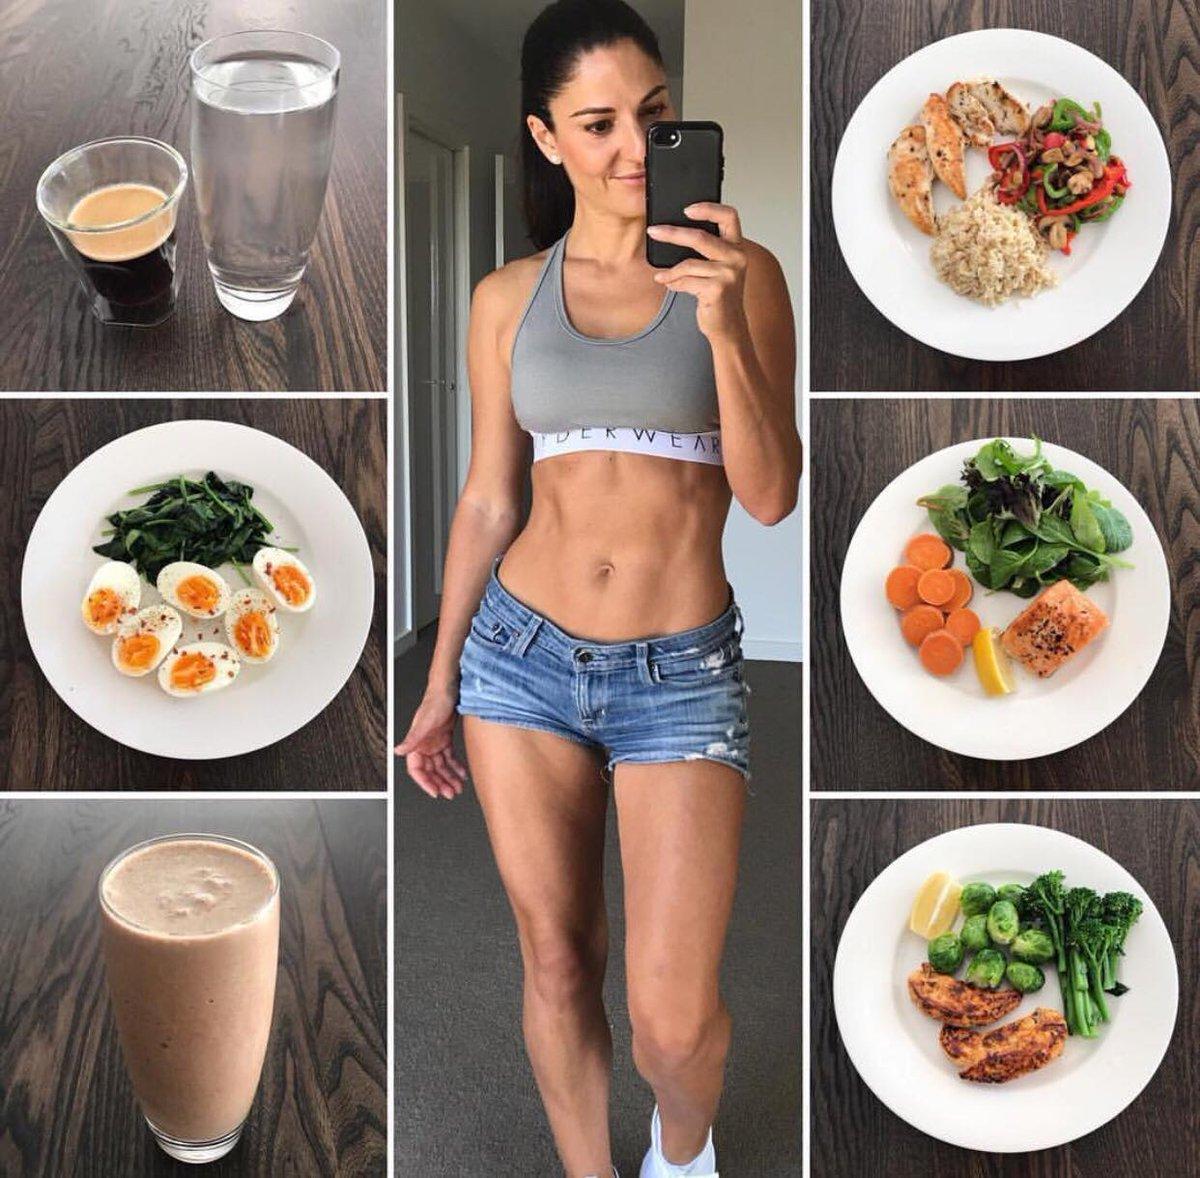 Как правильно питаться на пп чтобы похудеть